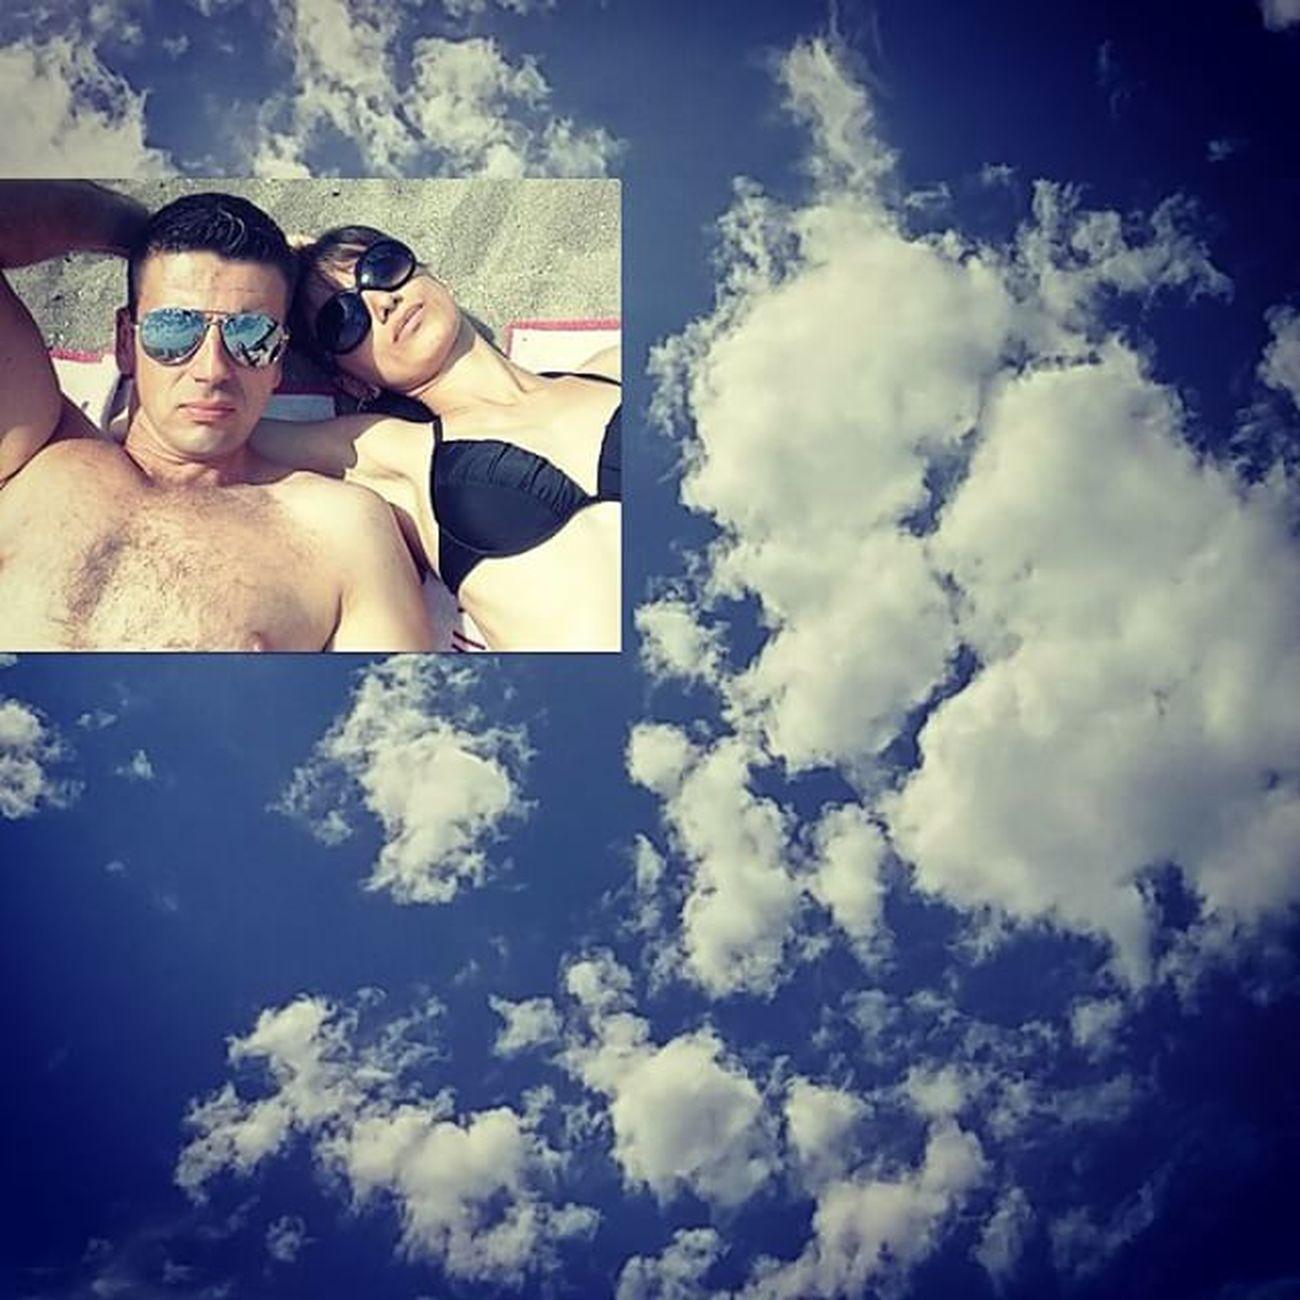 Nasedmomnebu Justthetwoofus and the Sky Clouds over vancouver englishbay on sunnyday selfie selfiestick vancitybuzz vancity